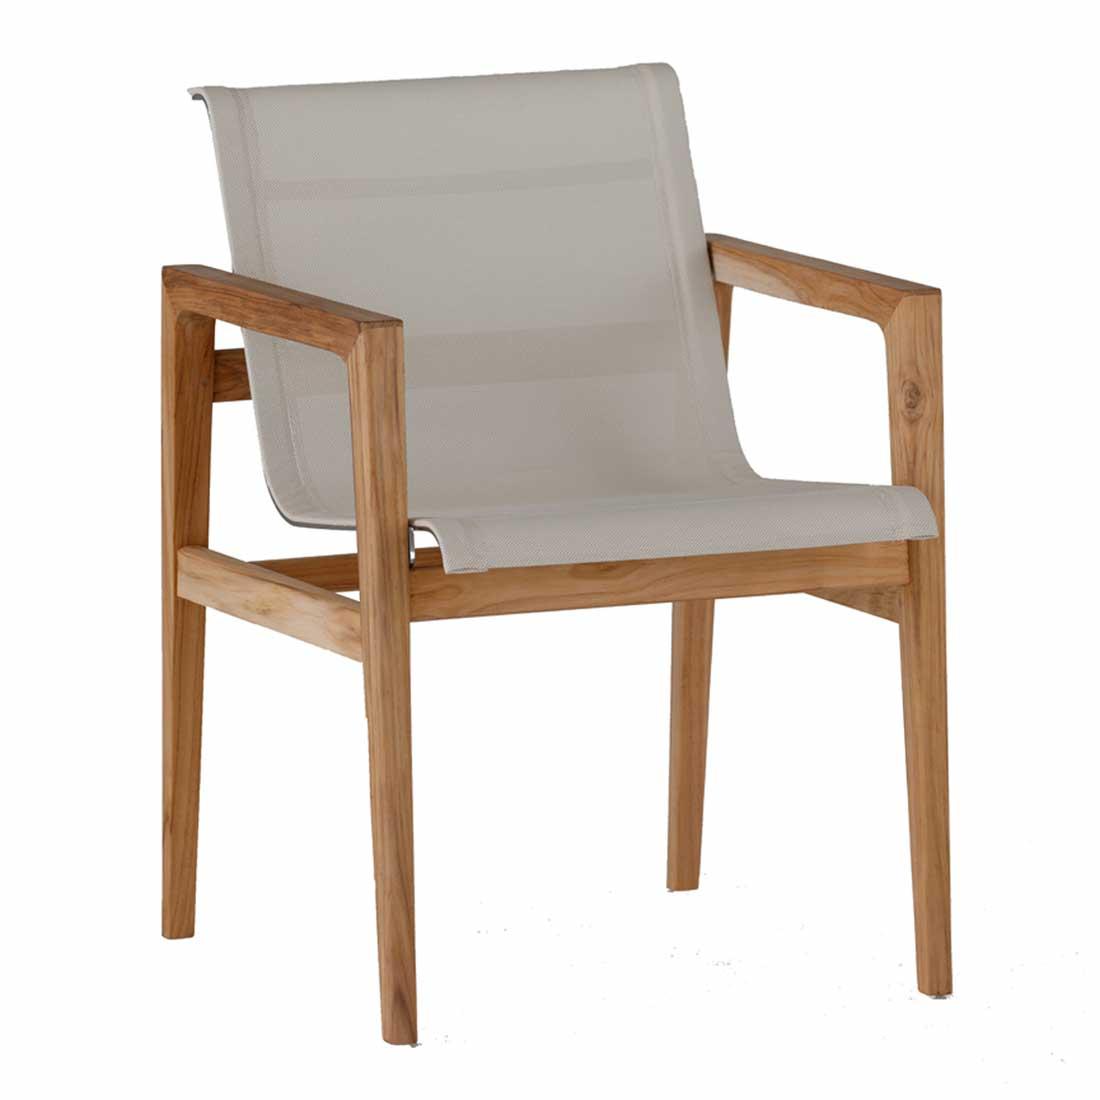 coast Teak Arm Chair - Dimensions: W22 D23 H31.5